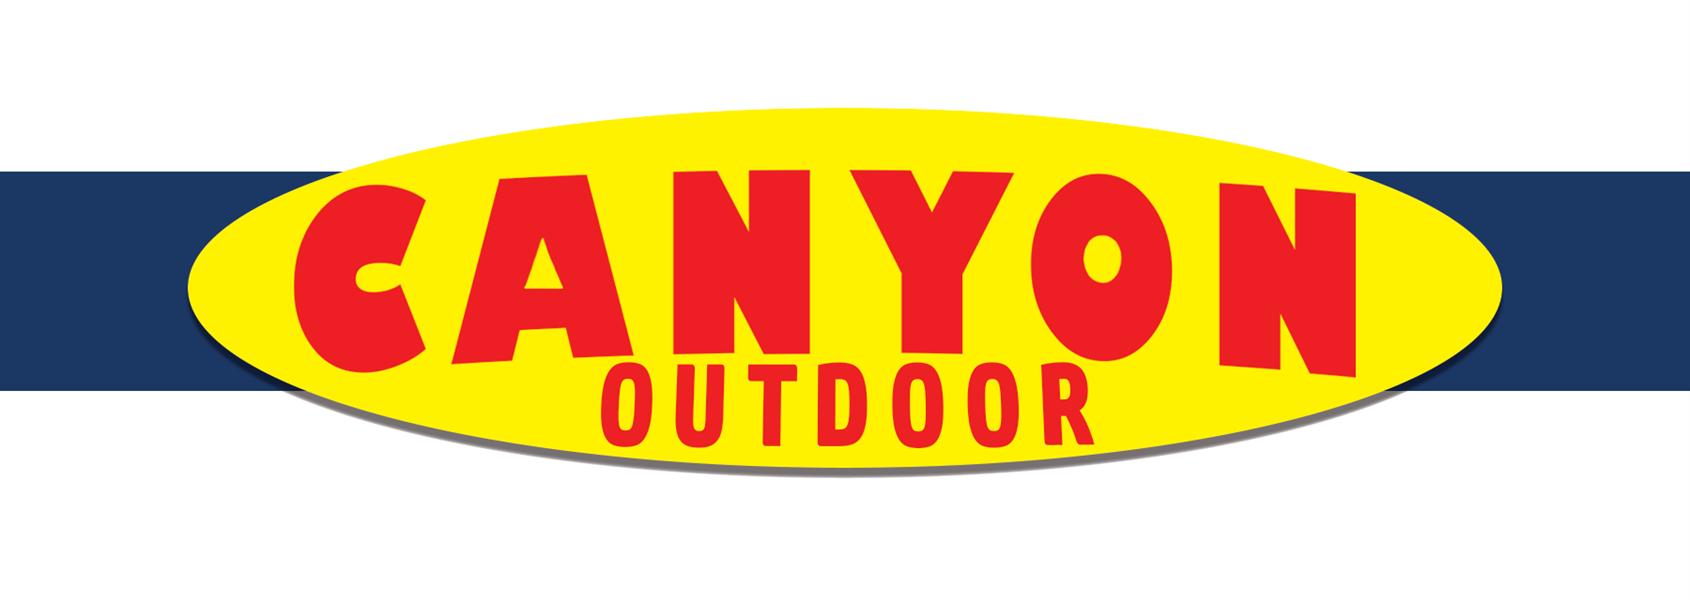 Canyon Outdoor Media